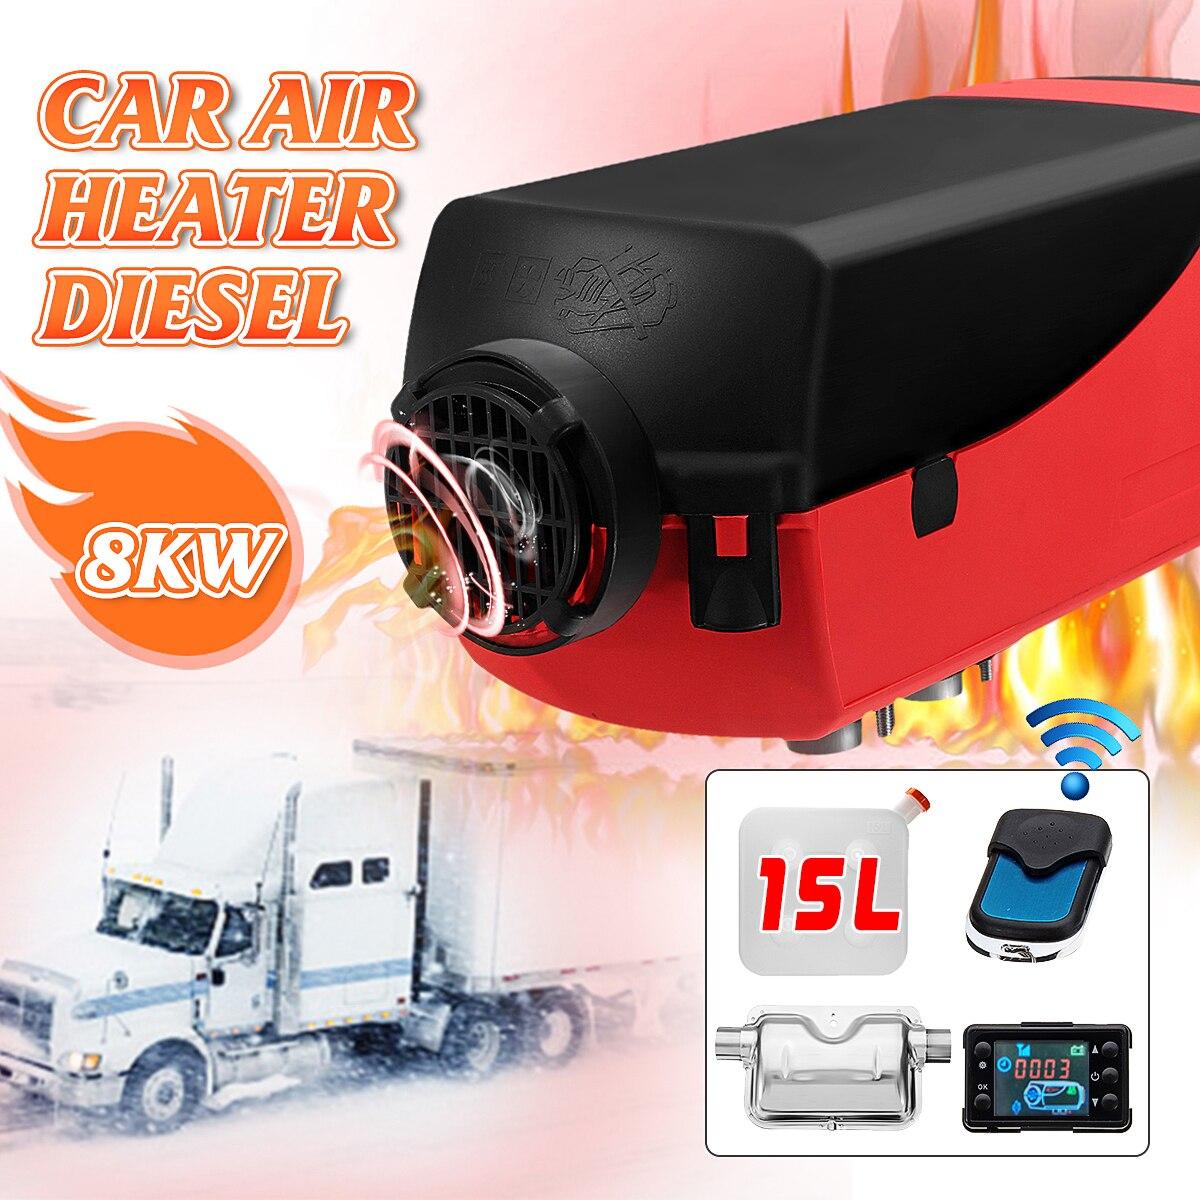 ЖК дисплей D iesel нагреватель глушители для автомобиля 12 В 8KW 15L бак Planar автомобили, грузовики лодка, дом на колесах парковка с Дистанционный пу...